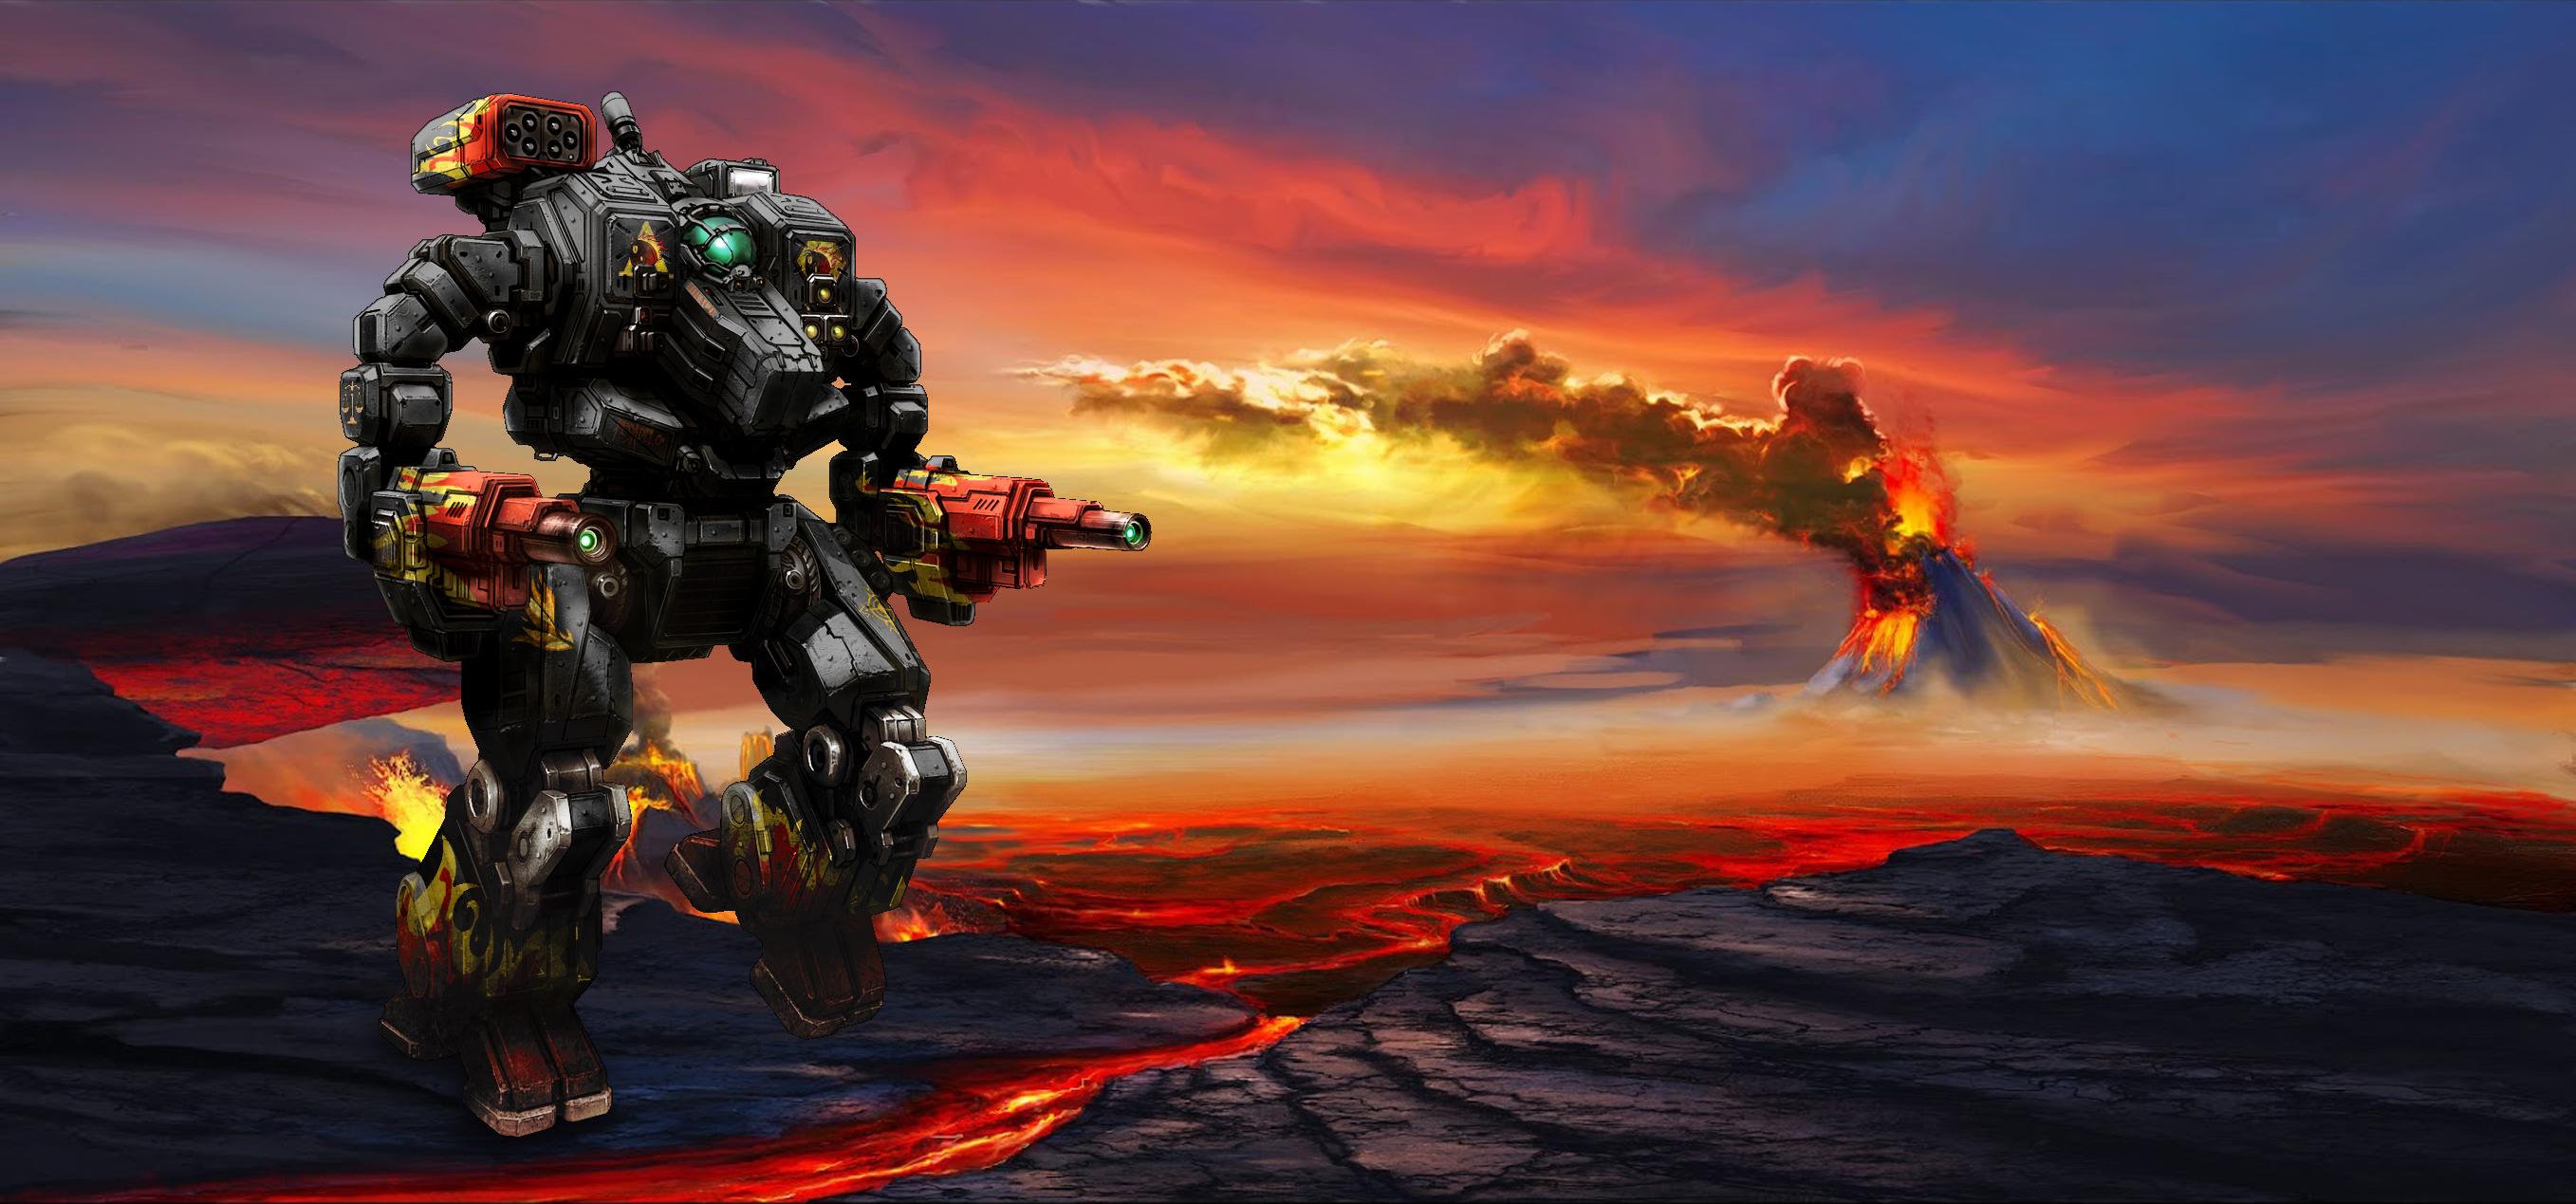 MWO Hellbringer (Loki) wallpaper by Odanan on DeviantArt